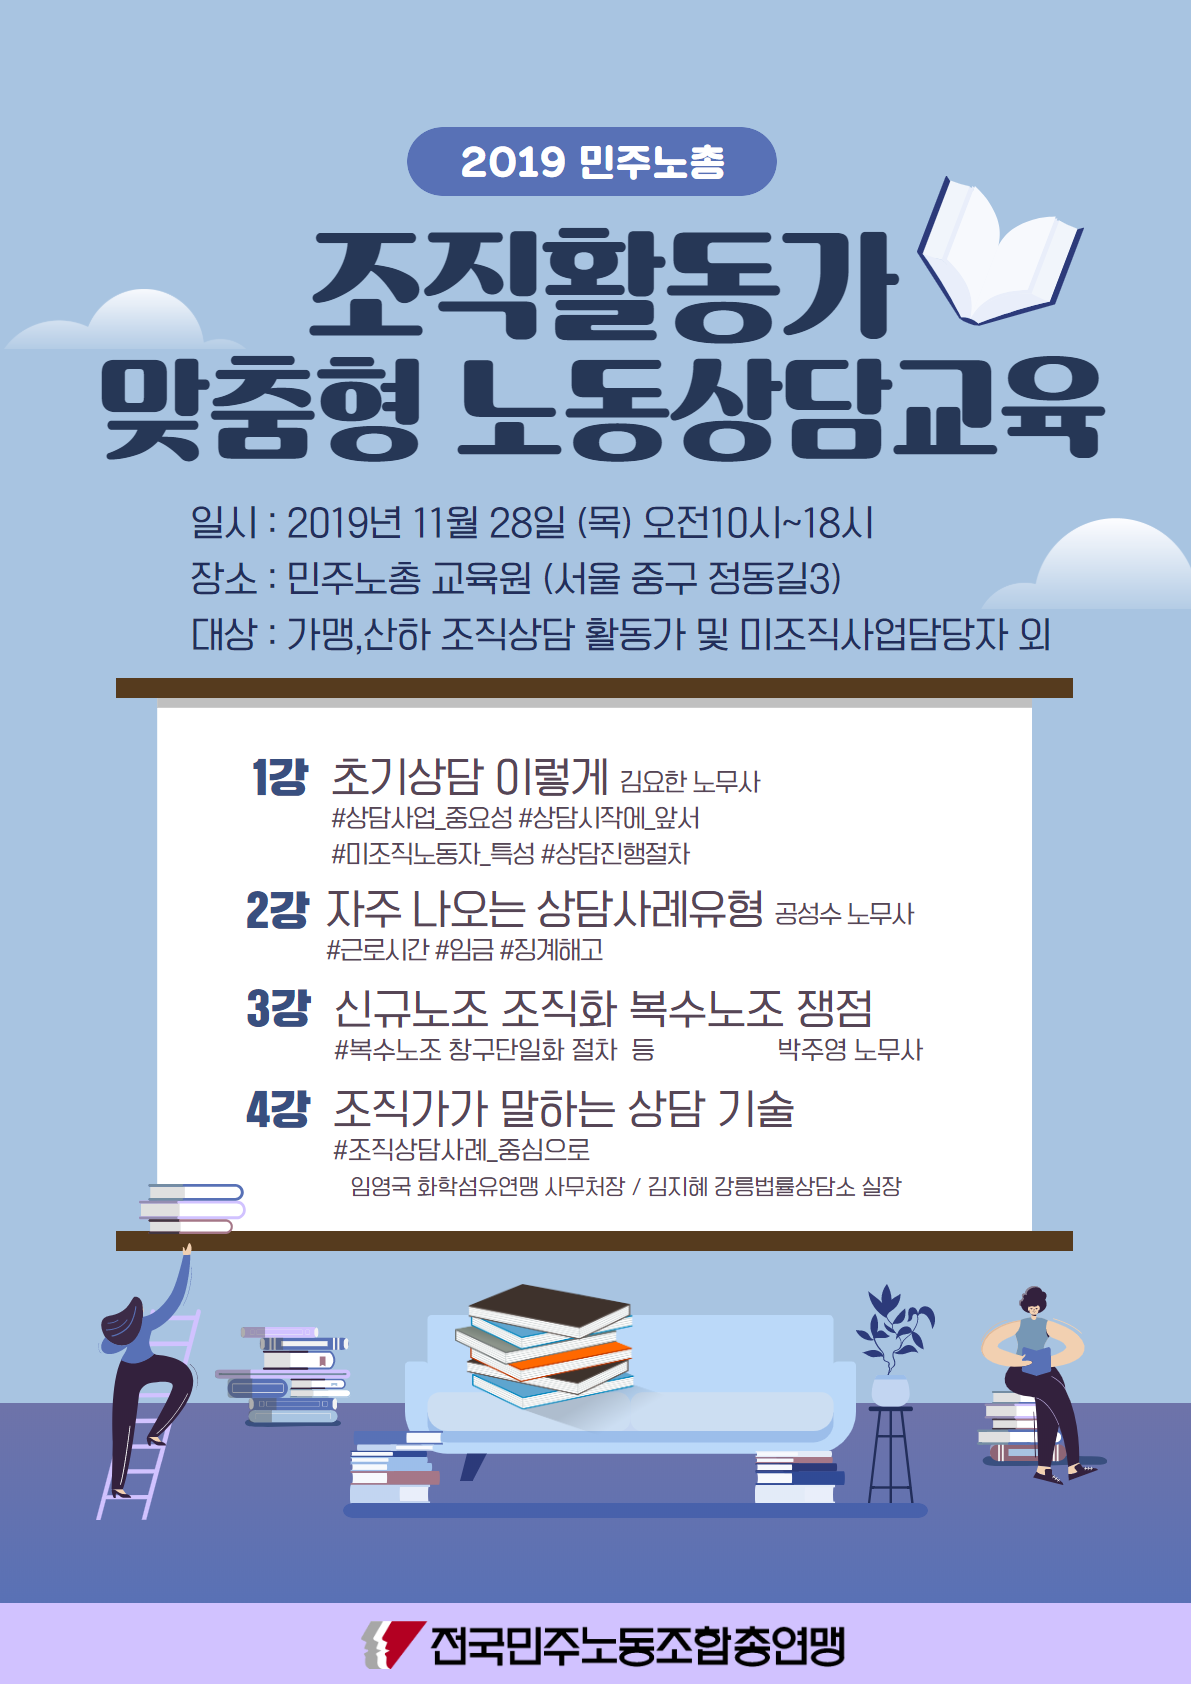 조직활동가 노동상담교육 (1).png